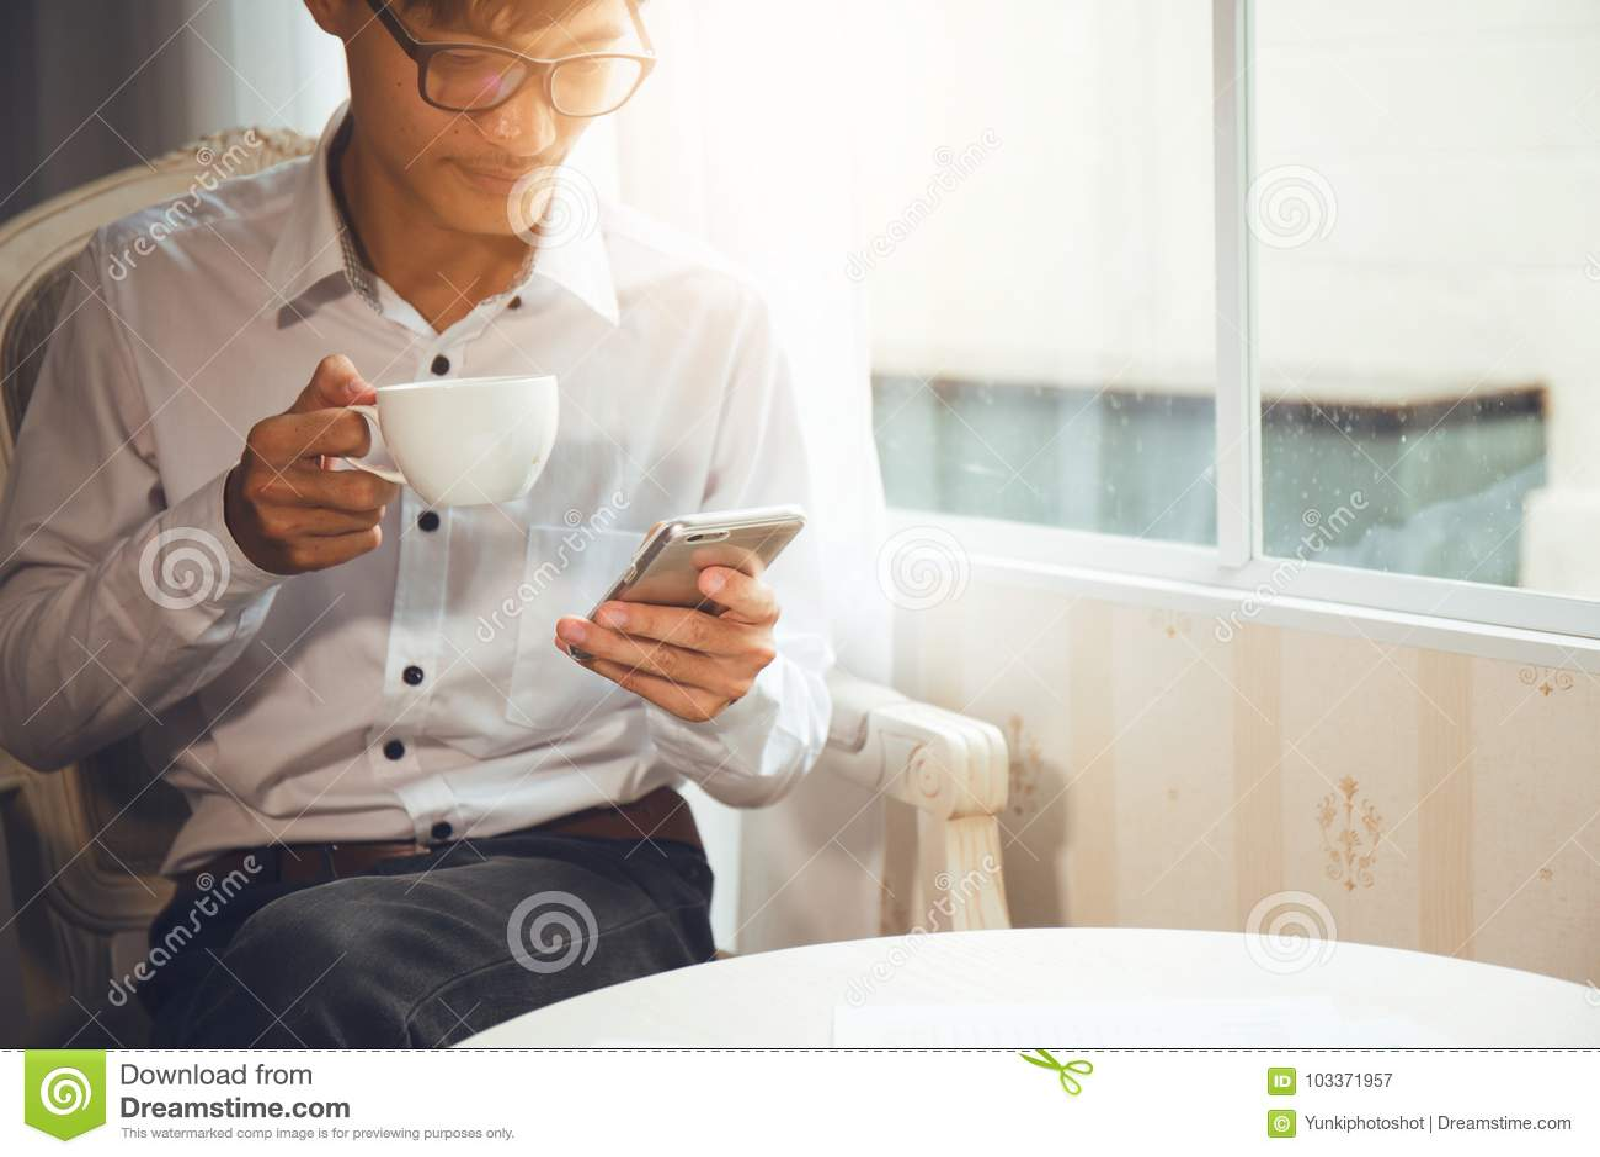 Zitting van de bedrijfsmensen de Aziatische nationaliteit bij koffie